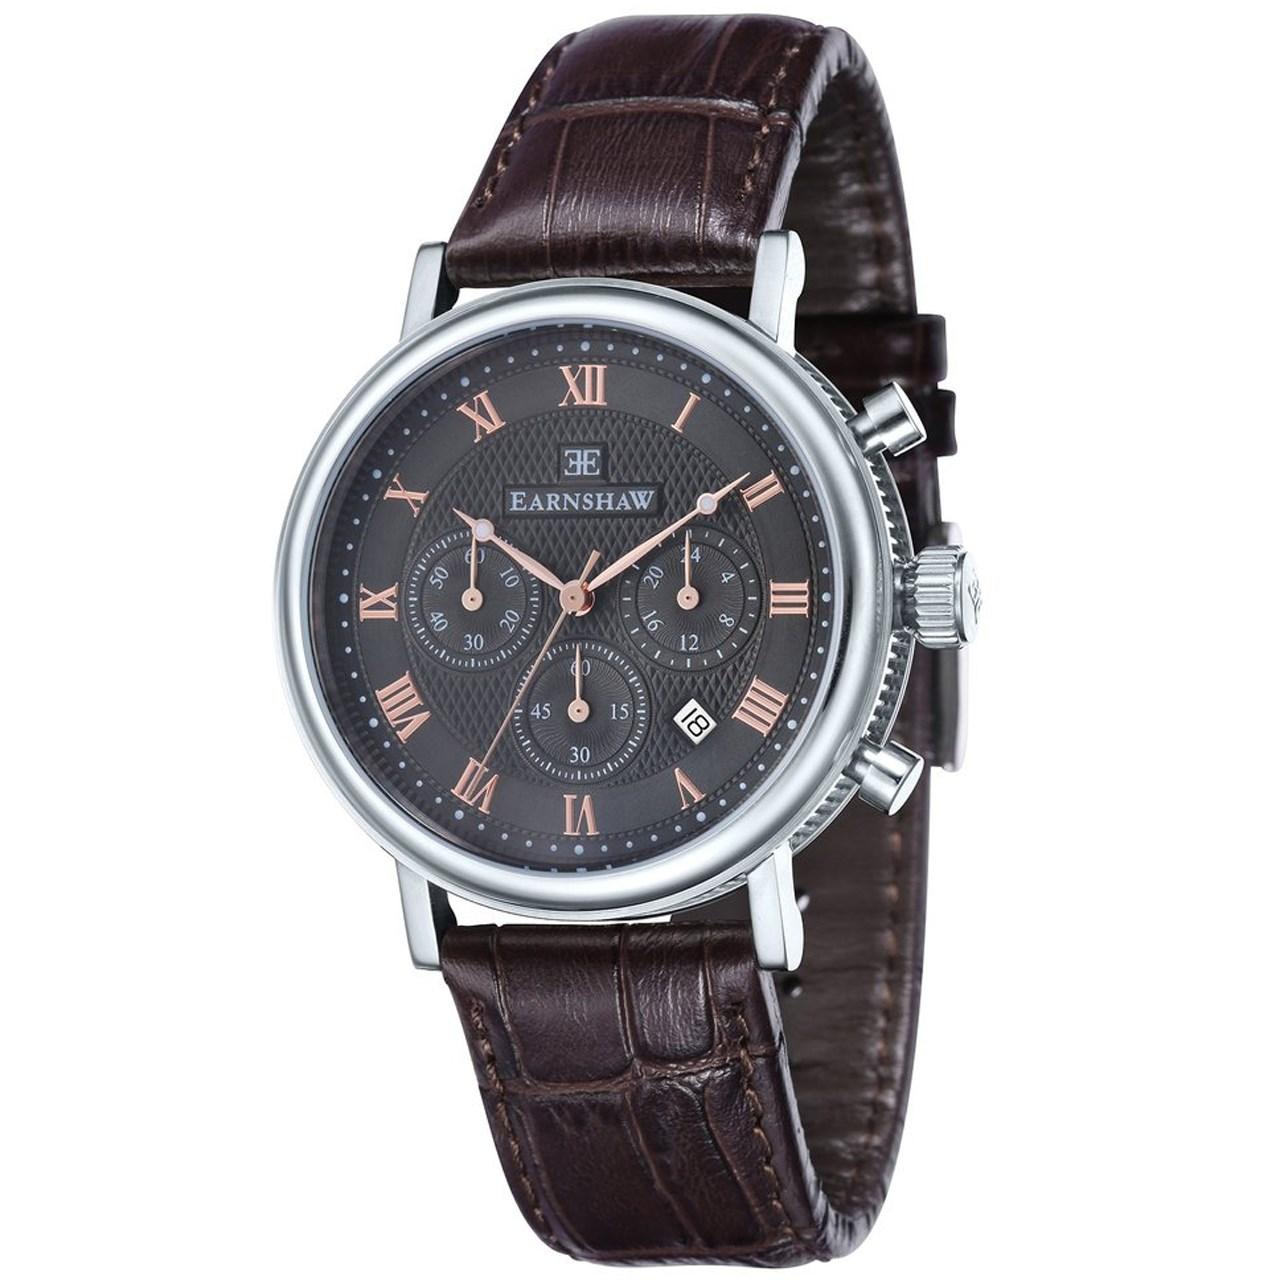 ساعت مچی عقربه ای مردانه ارنشا مدل ES-8051-01